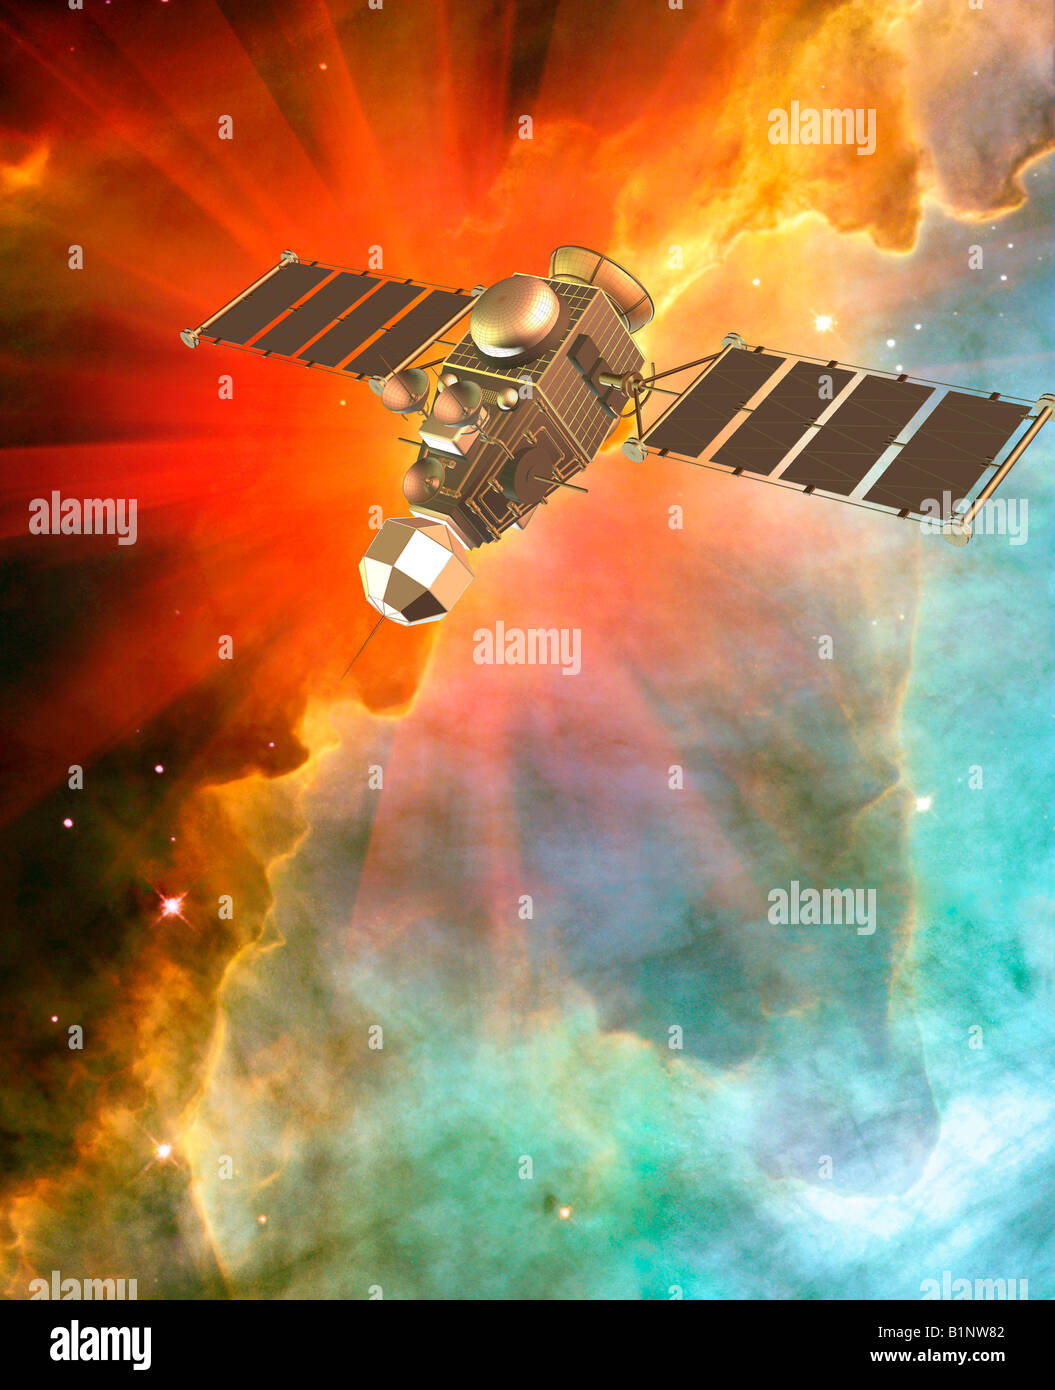 Concepto 3D generado por ordenador de vehículo espacial añadido digitalmente a un fondo de la galaxia Imagen De Stock